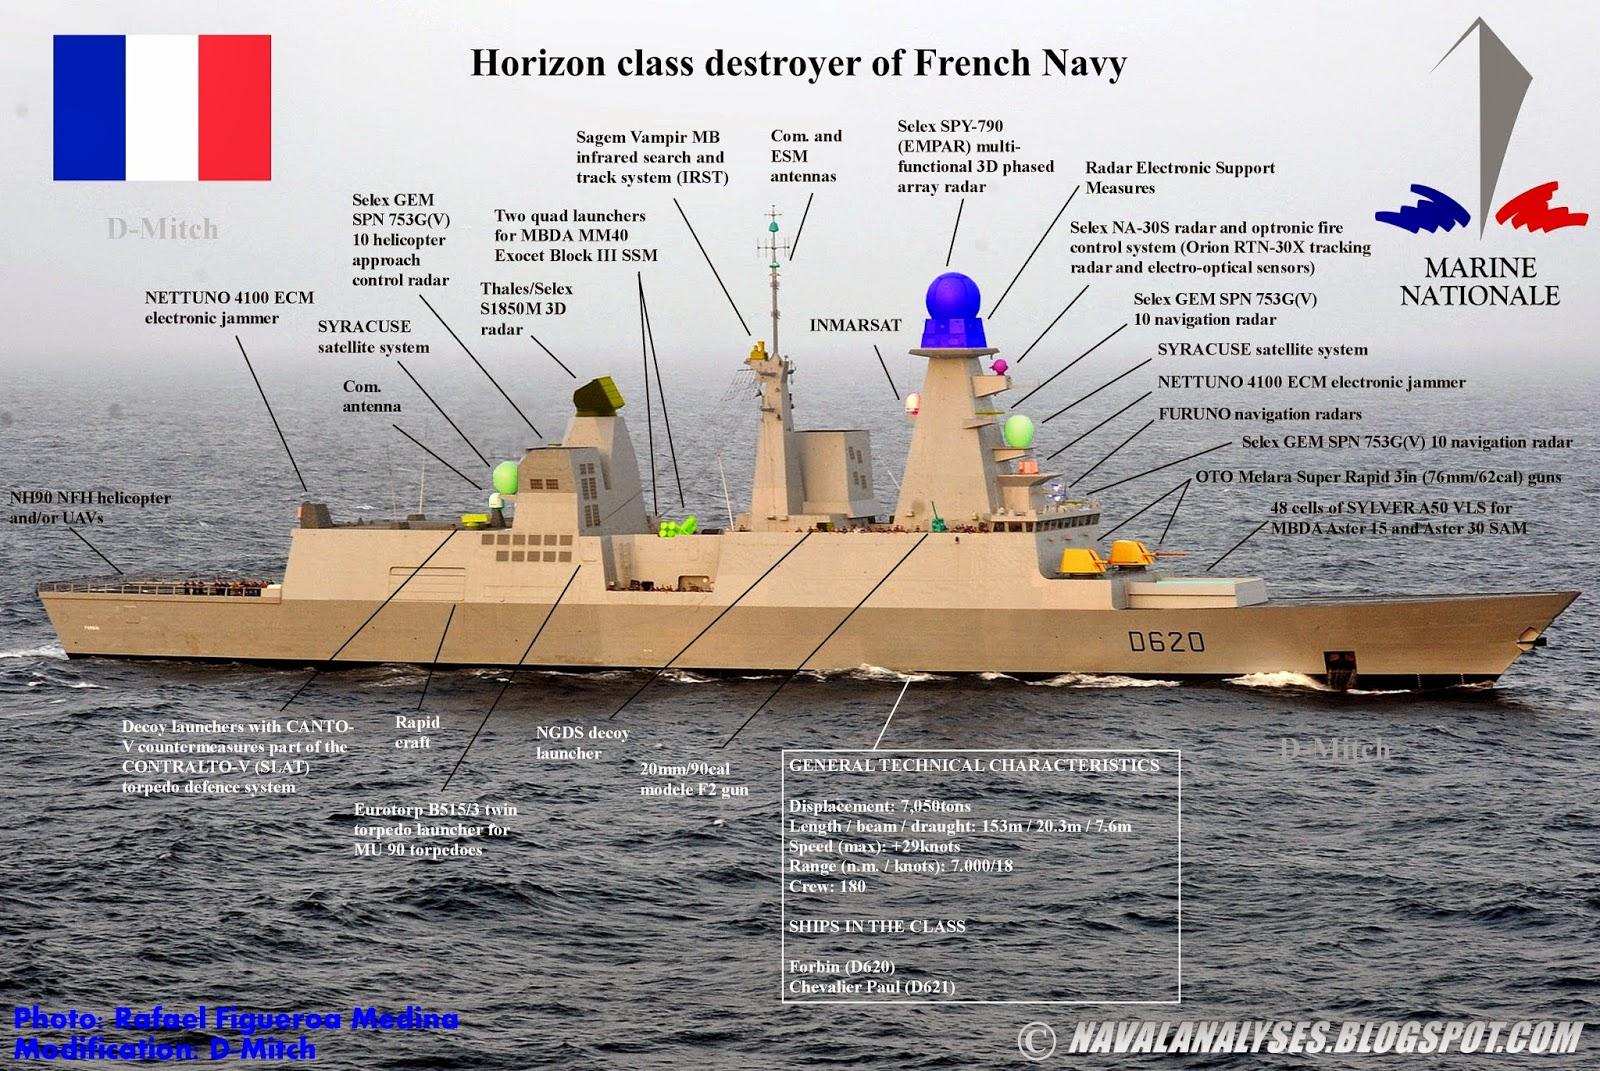 المدمرة هورايزون كلاس Forbin+destroyer